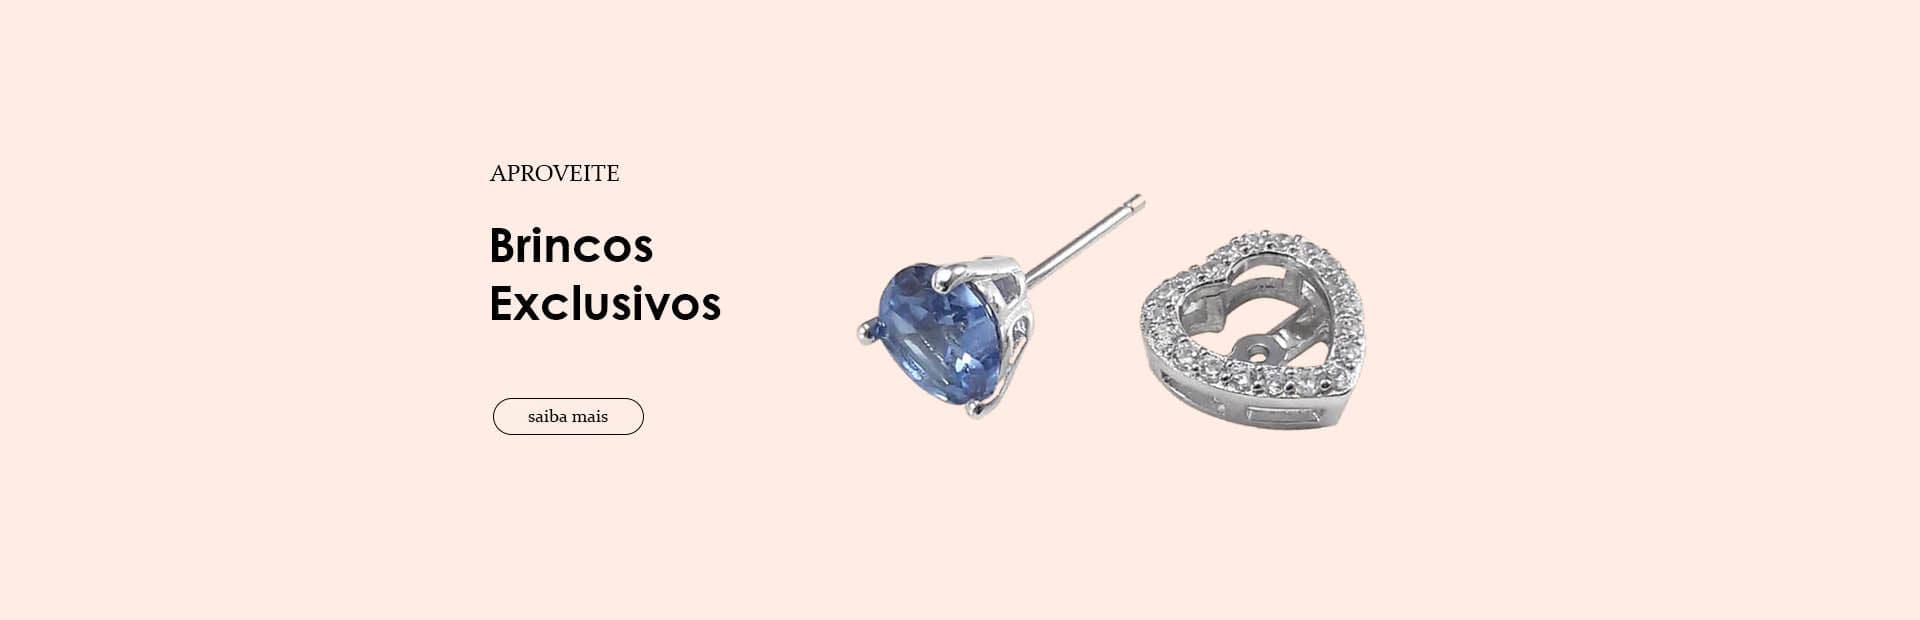 Compre Semijoias Online I IBERIAM 633fce8d3e